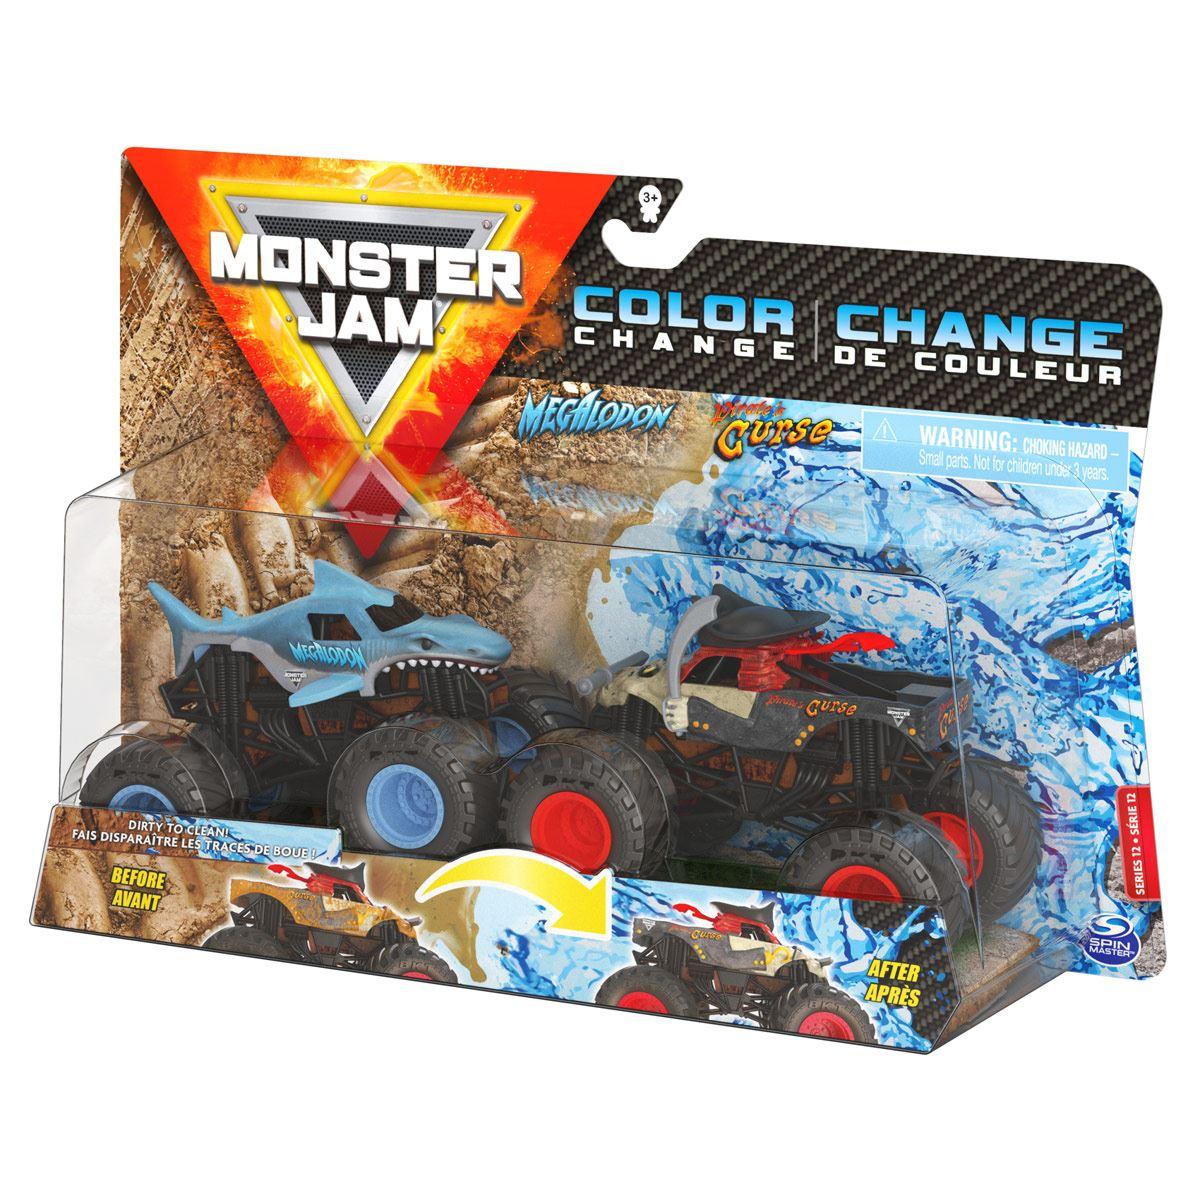 1:62 2 Pack Monster Jam